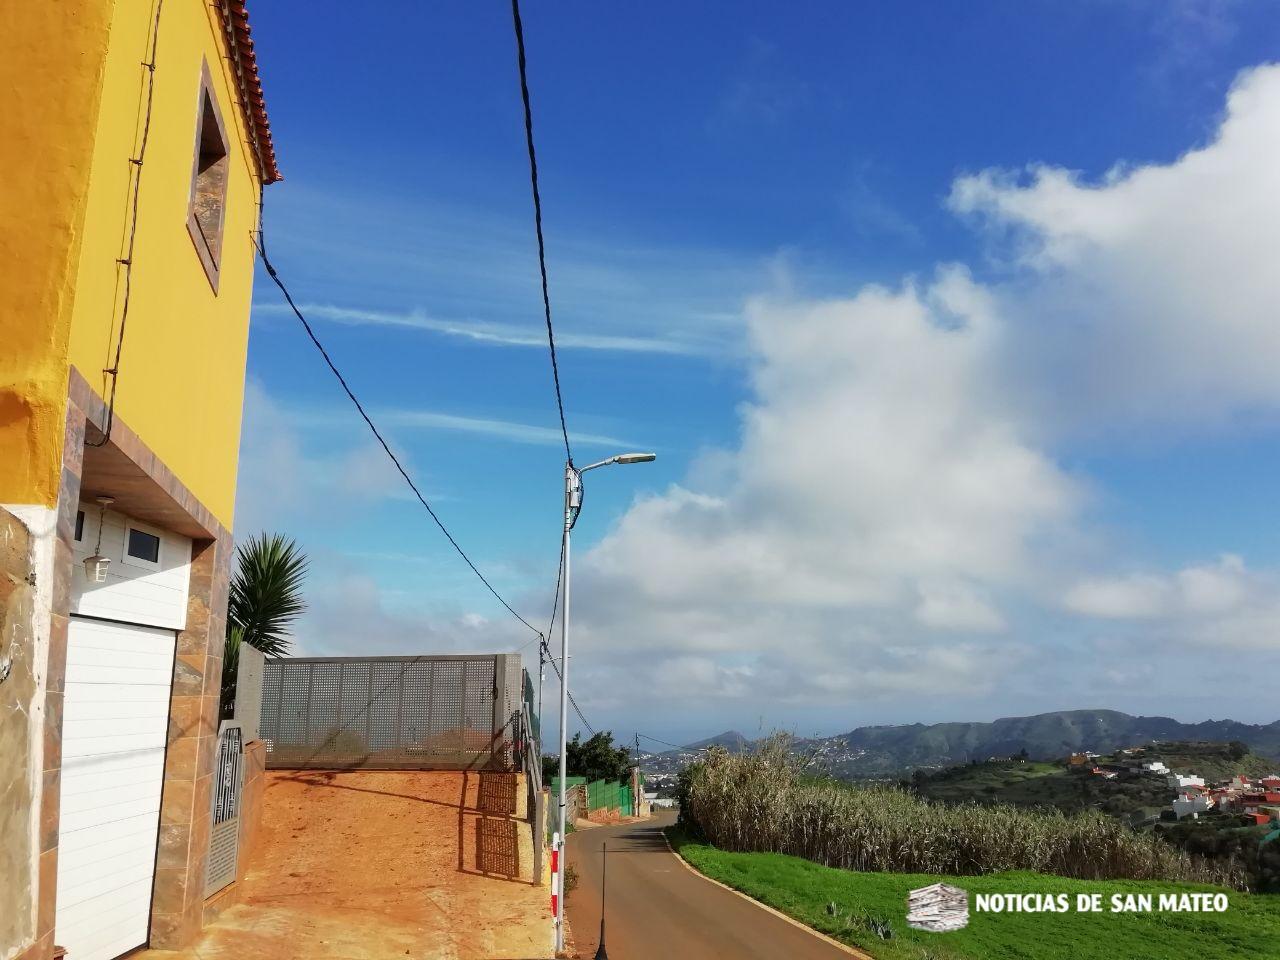 Diez nuevos puntos de luz iluminan la carretera de Los Corraletes 3